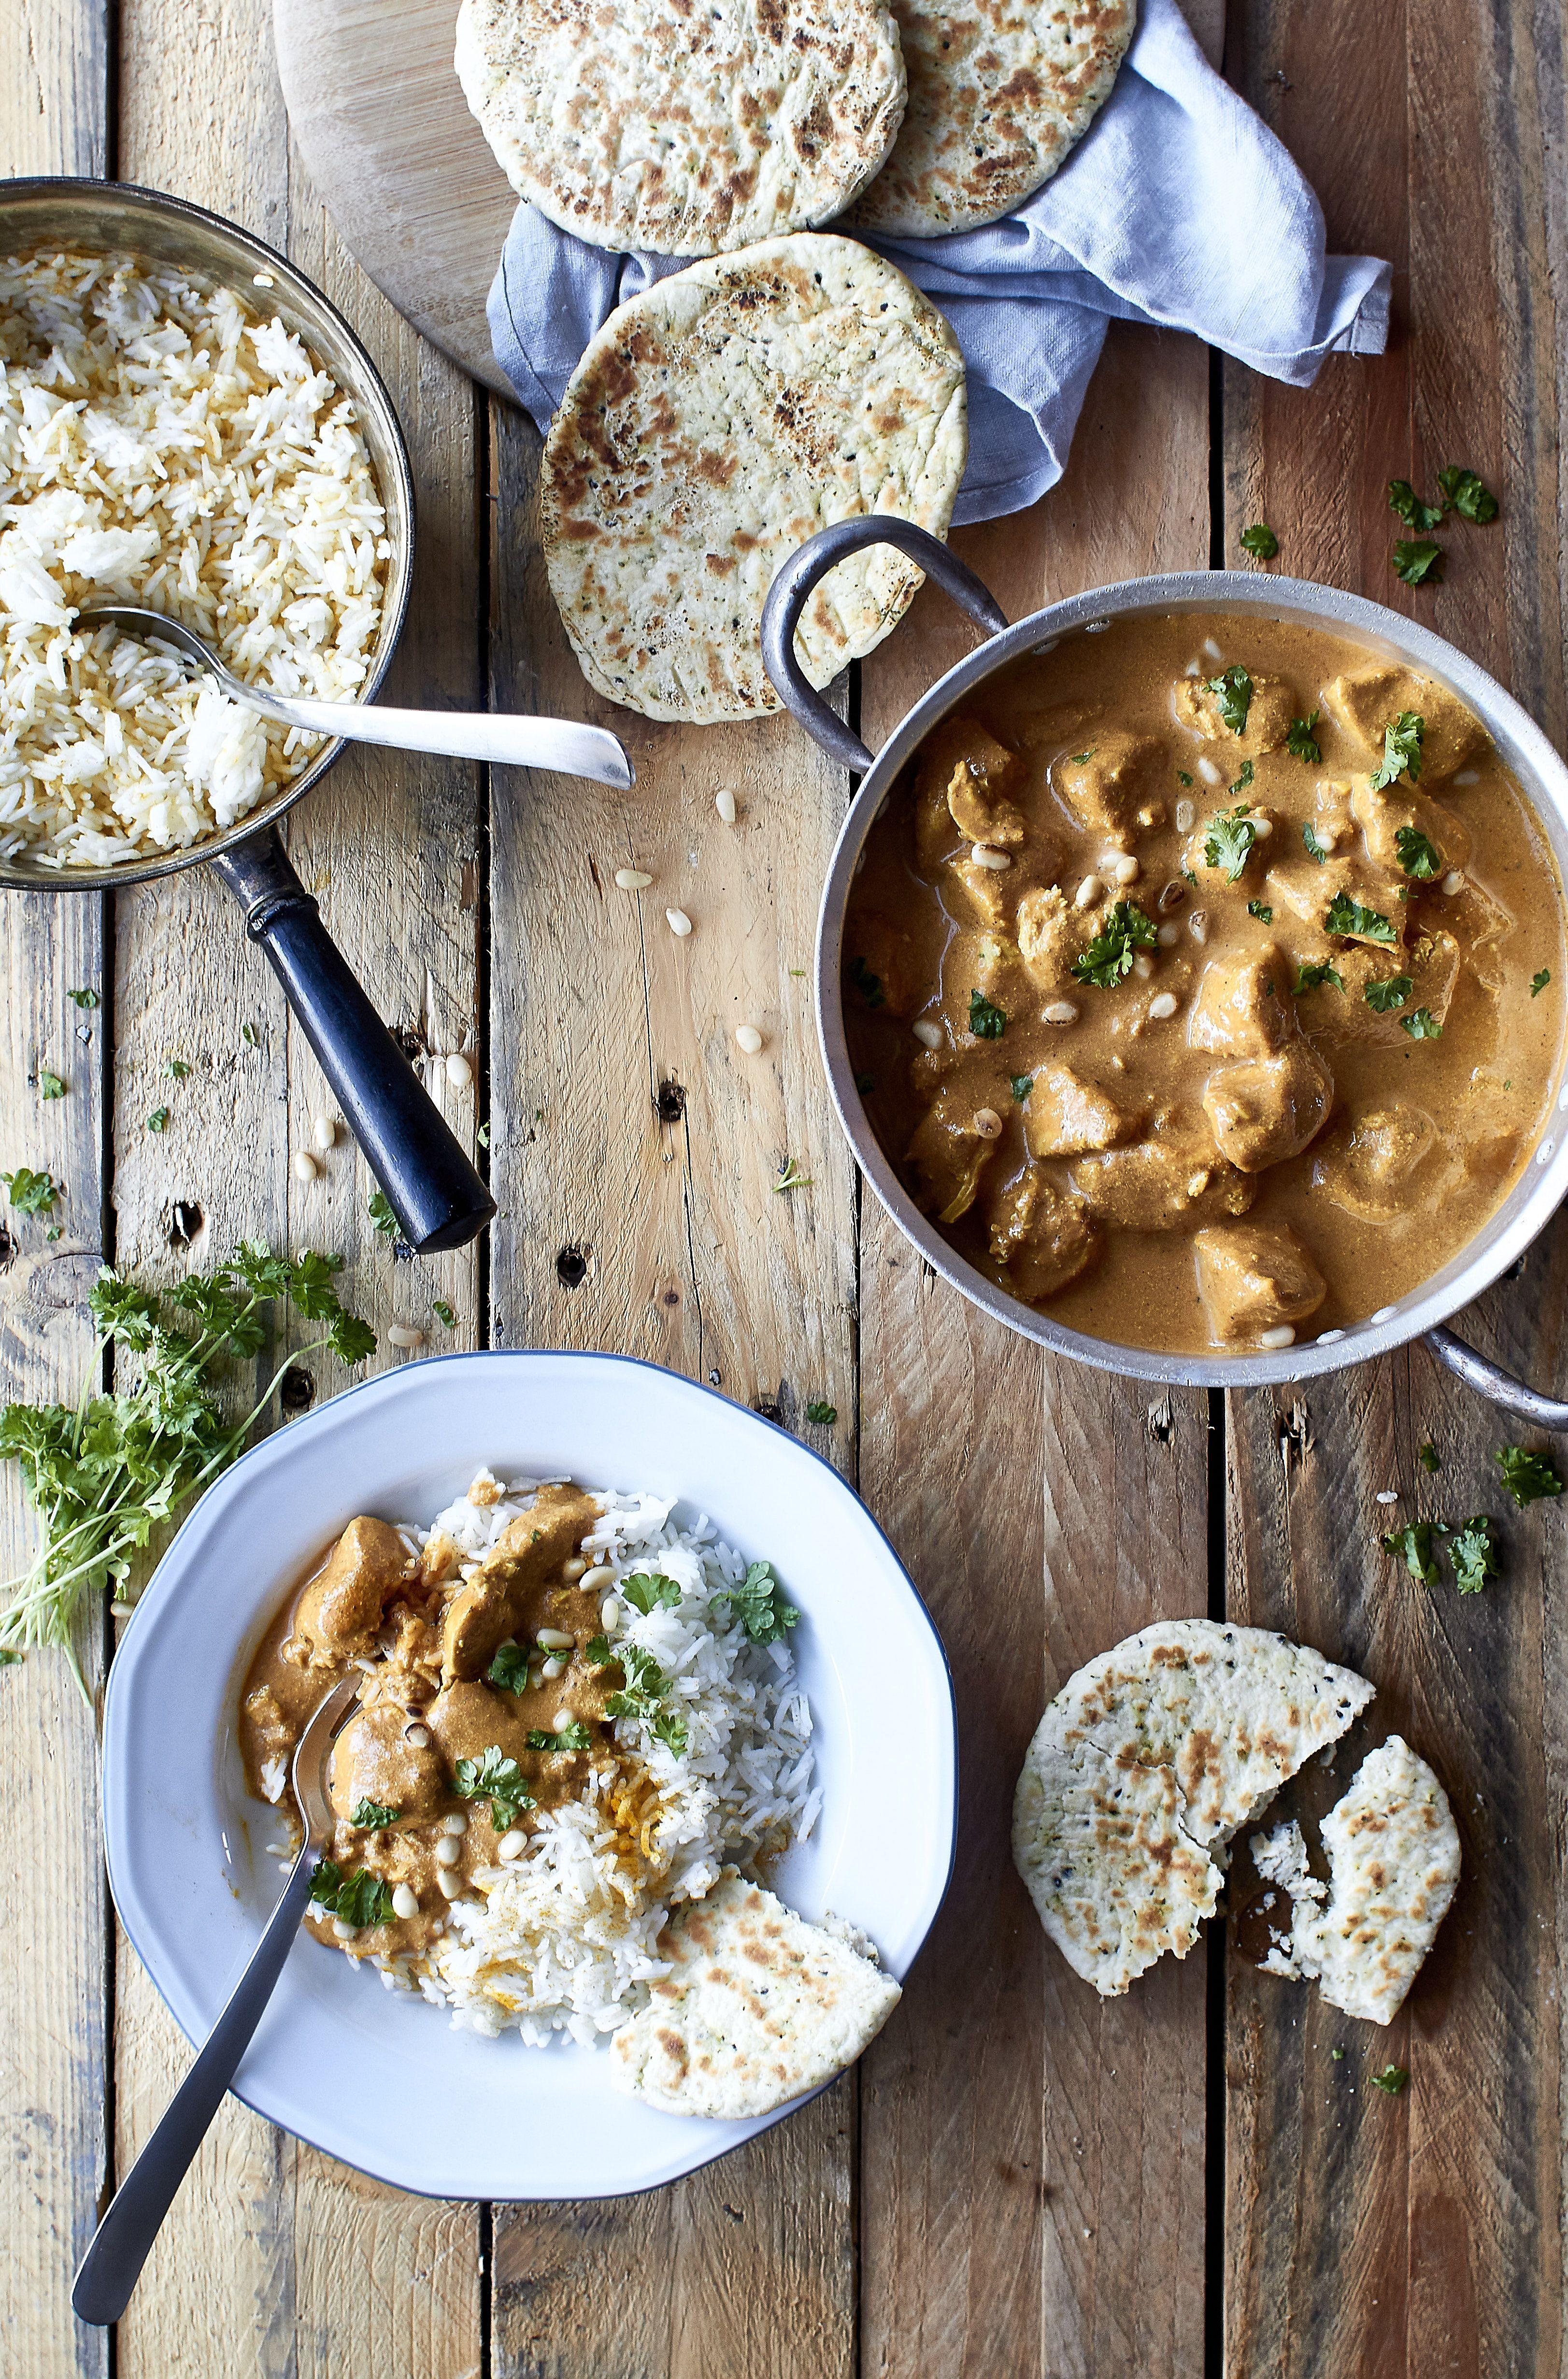 Lav lækker og nem indisk mad med opskrift på Butter Chicken. En indisk gryderet med kylling, som smager skønt af krydderier ex. garam masala